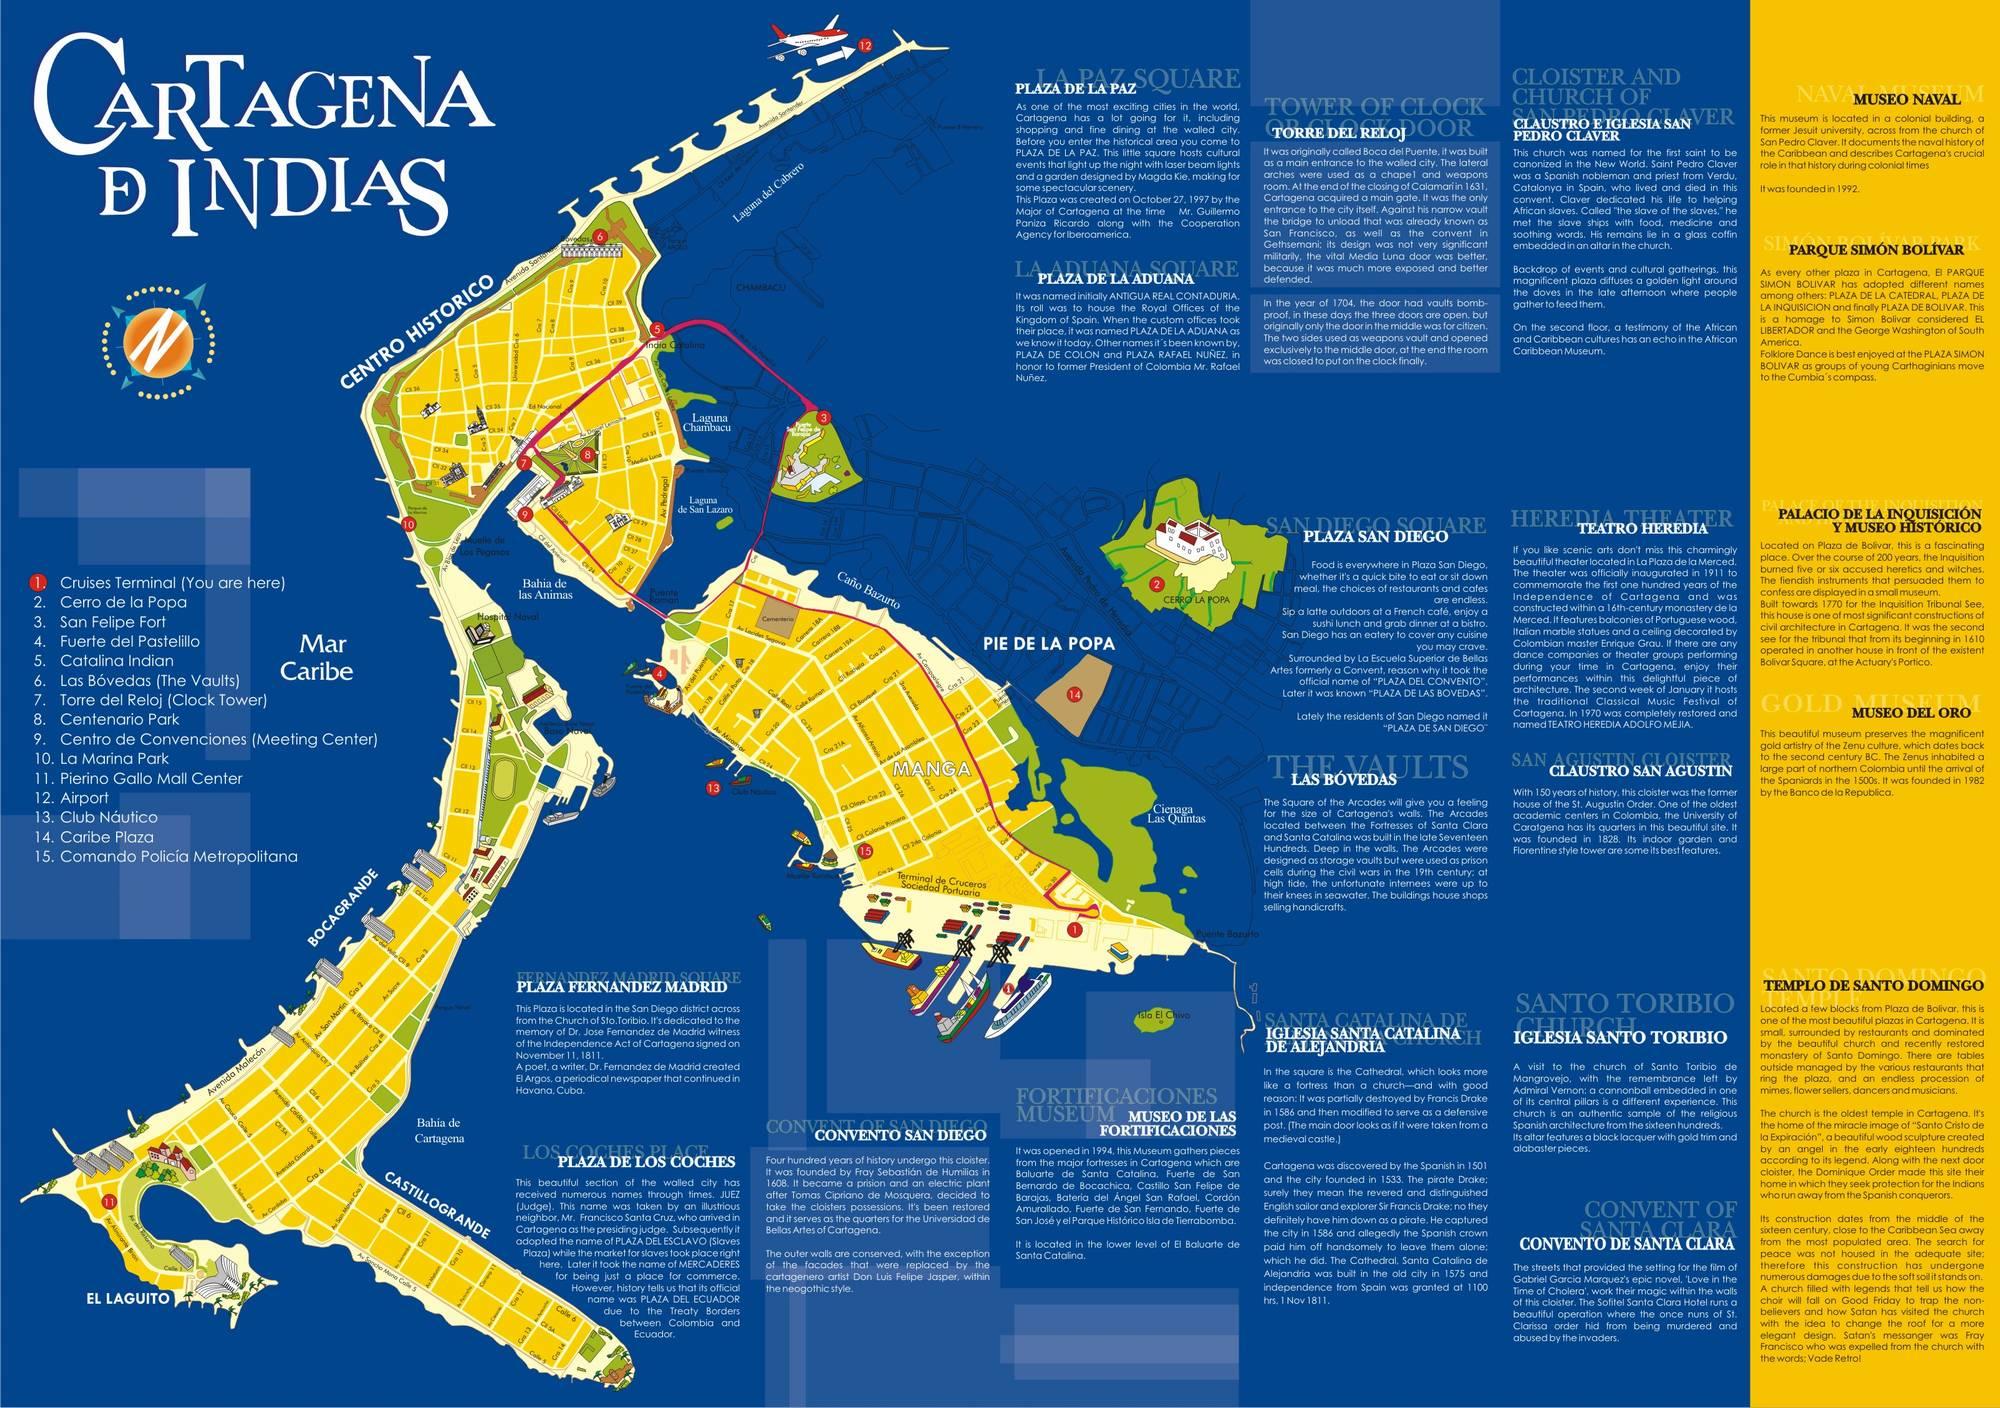 Карта Картахены